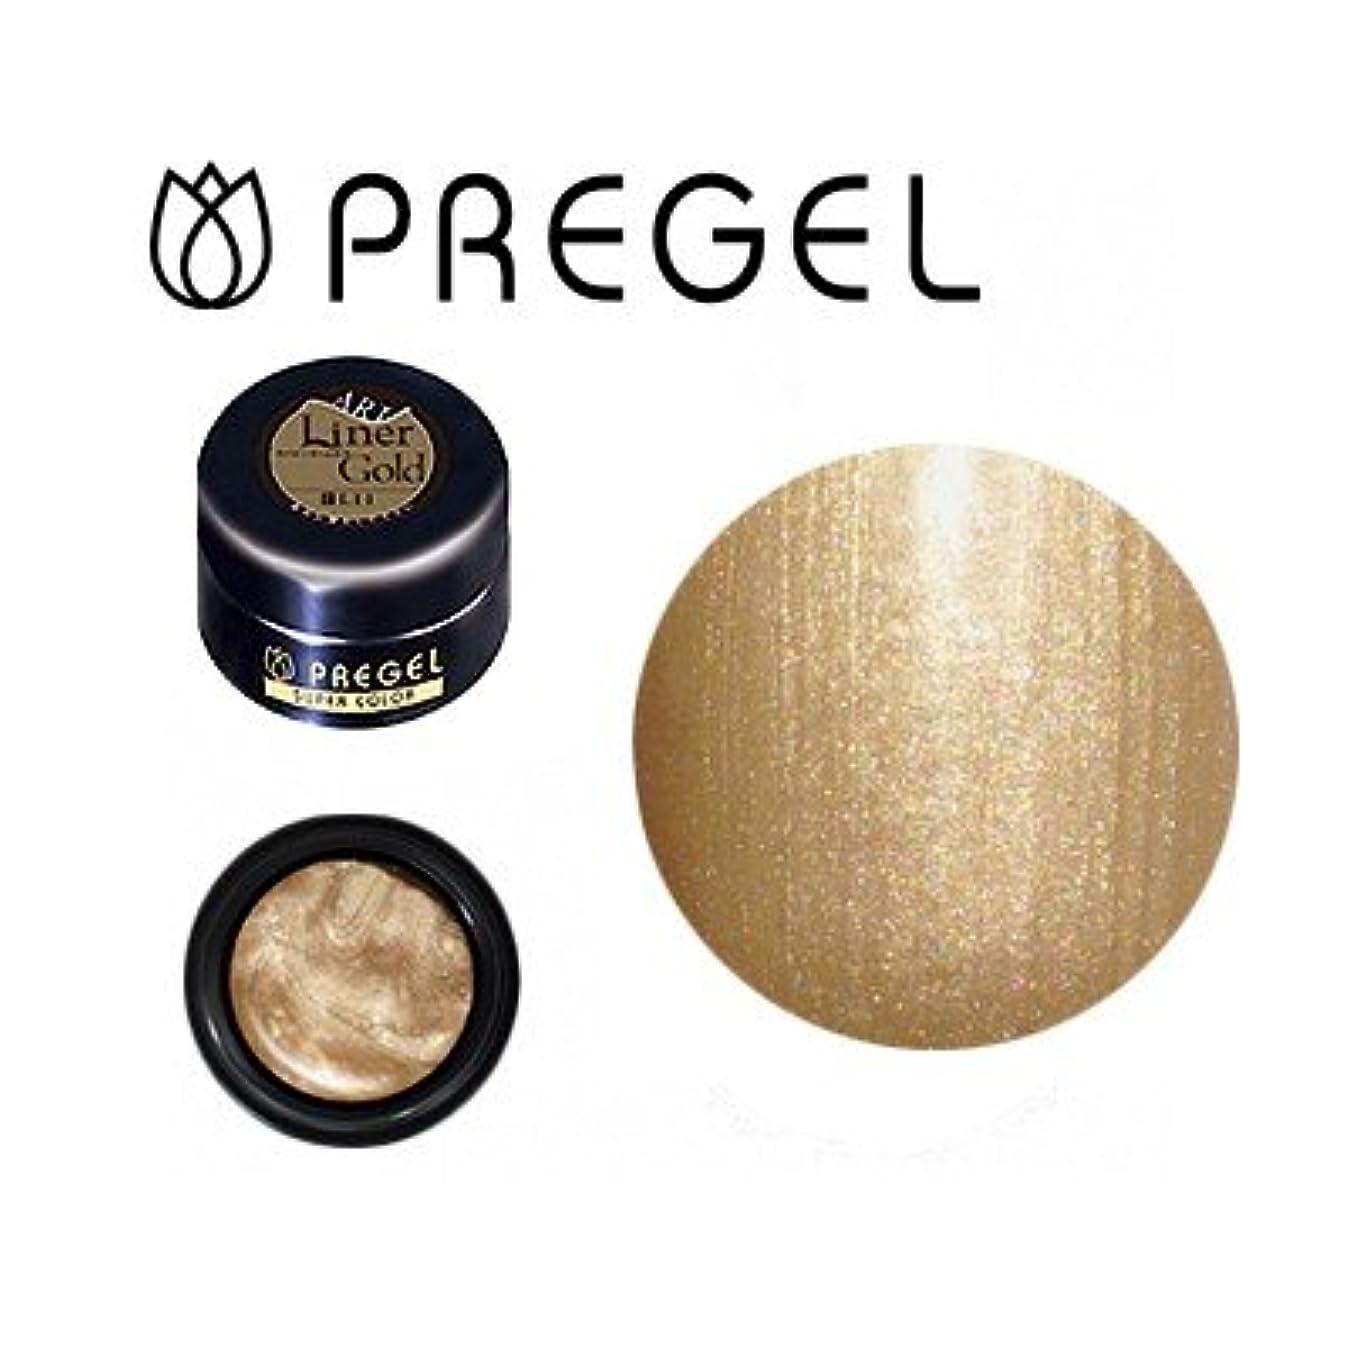 補正反逆逆にジェルネイル カラージェル プリジェル PREGEL スーパーカラーEx ライナーゴールド-P 4g